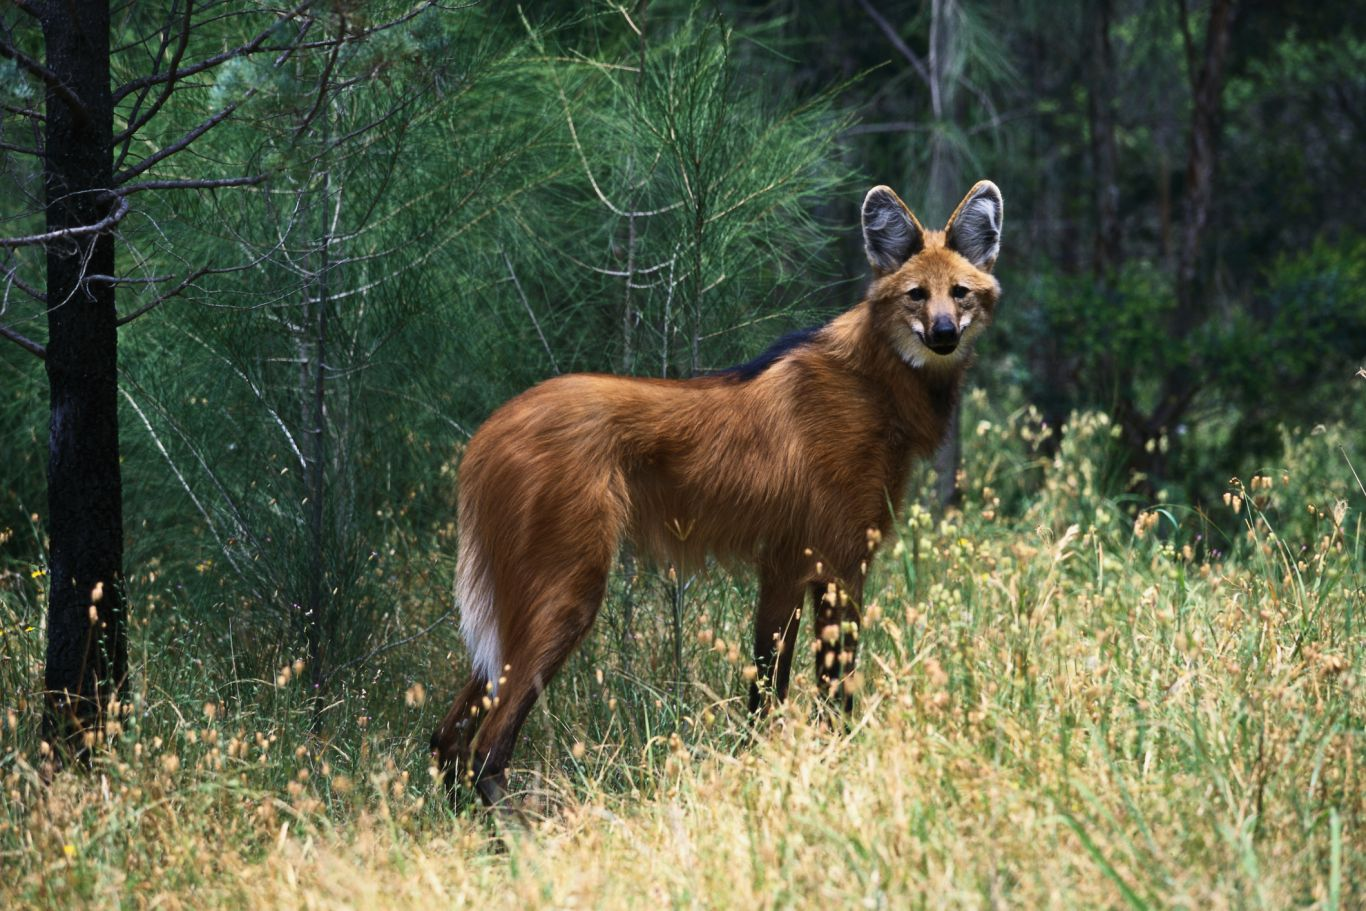 animais em extinção no brasil - lobo guará